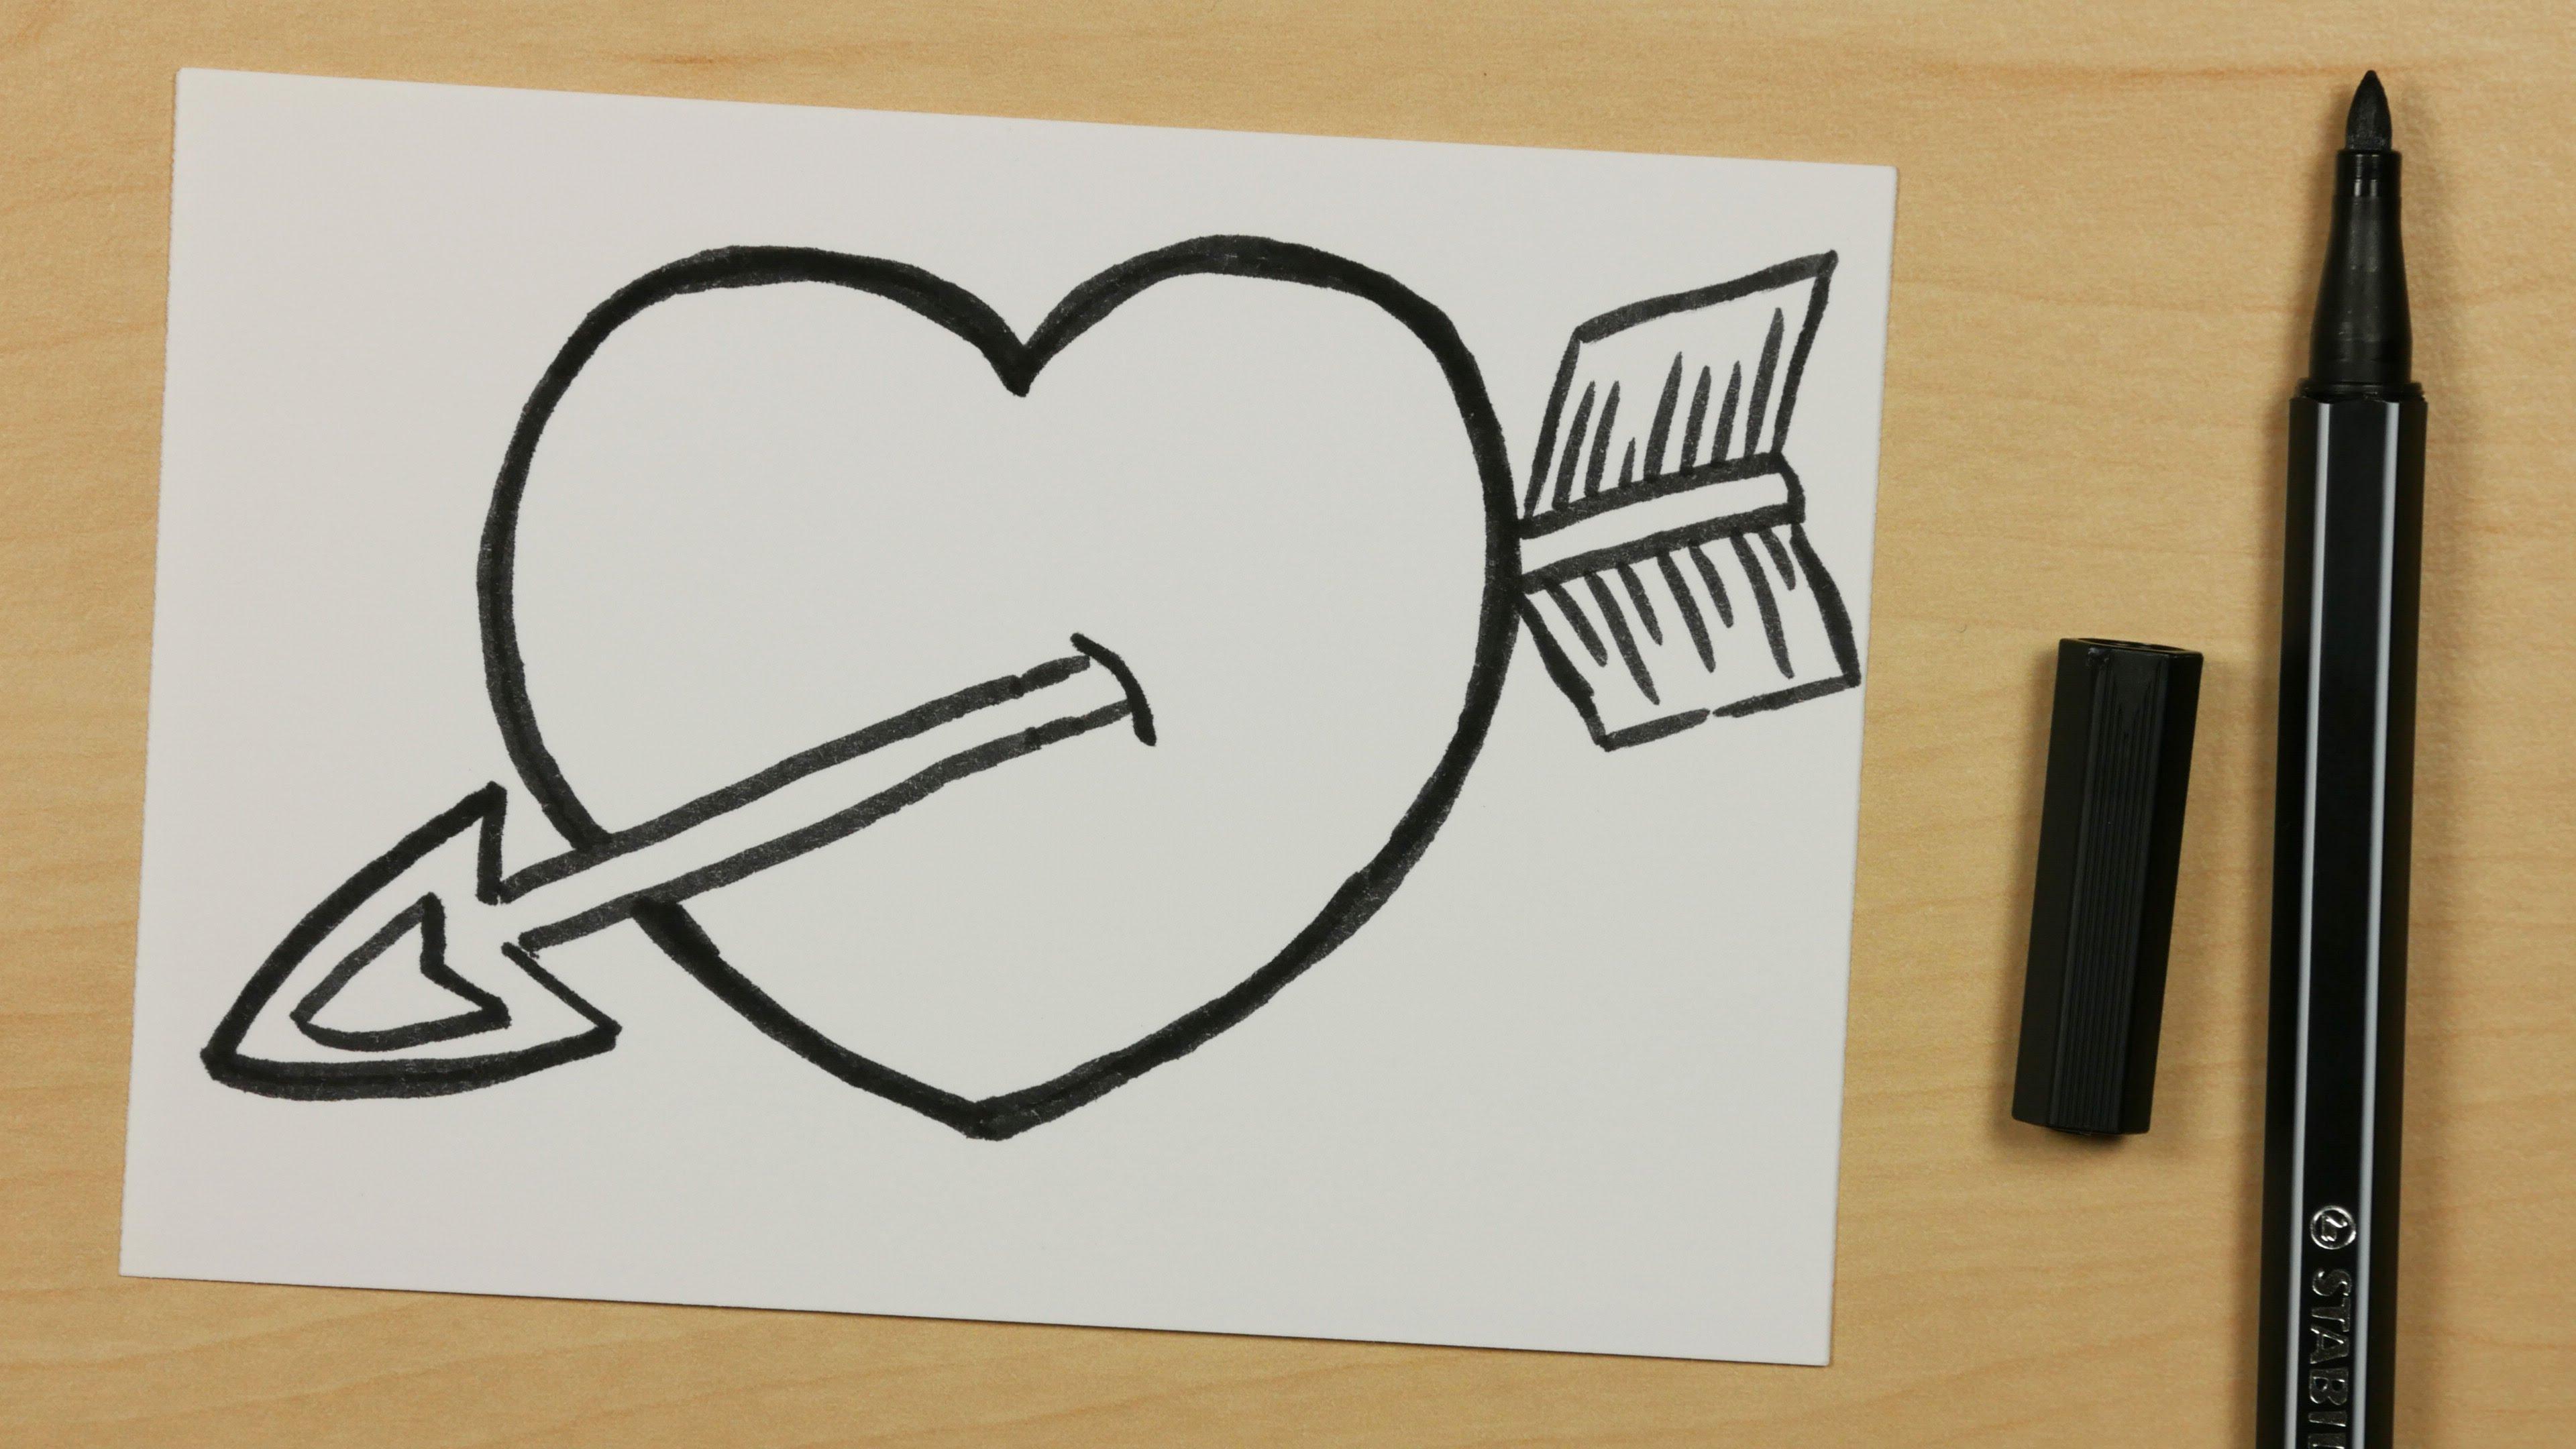 3840x2160 How To Draw A God Cupid Arrow Heart